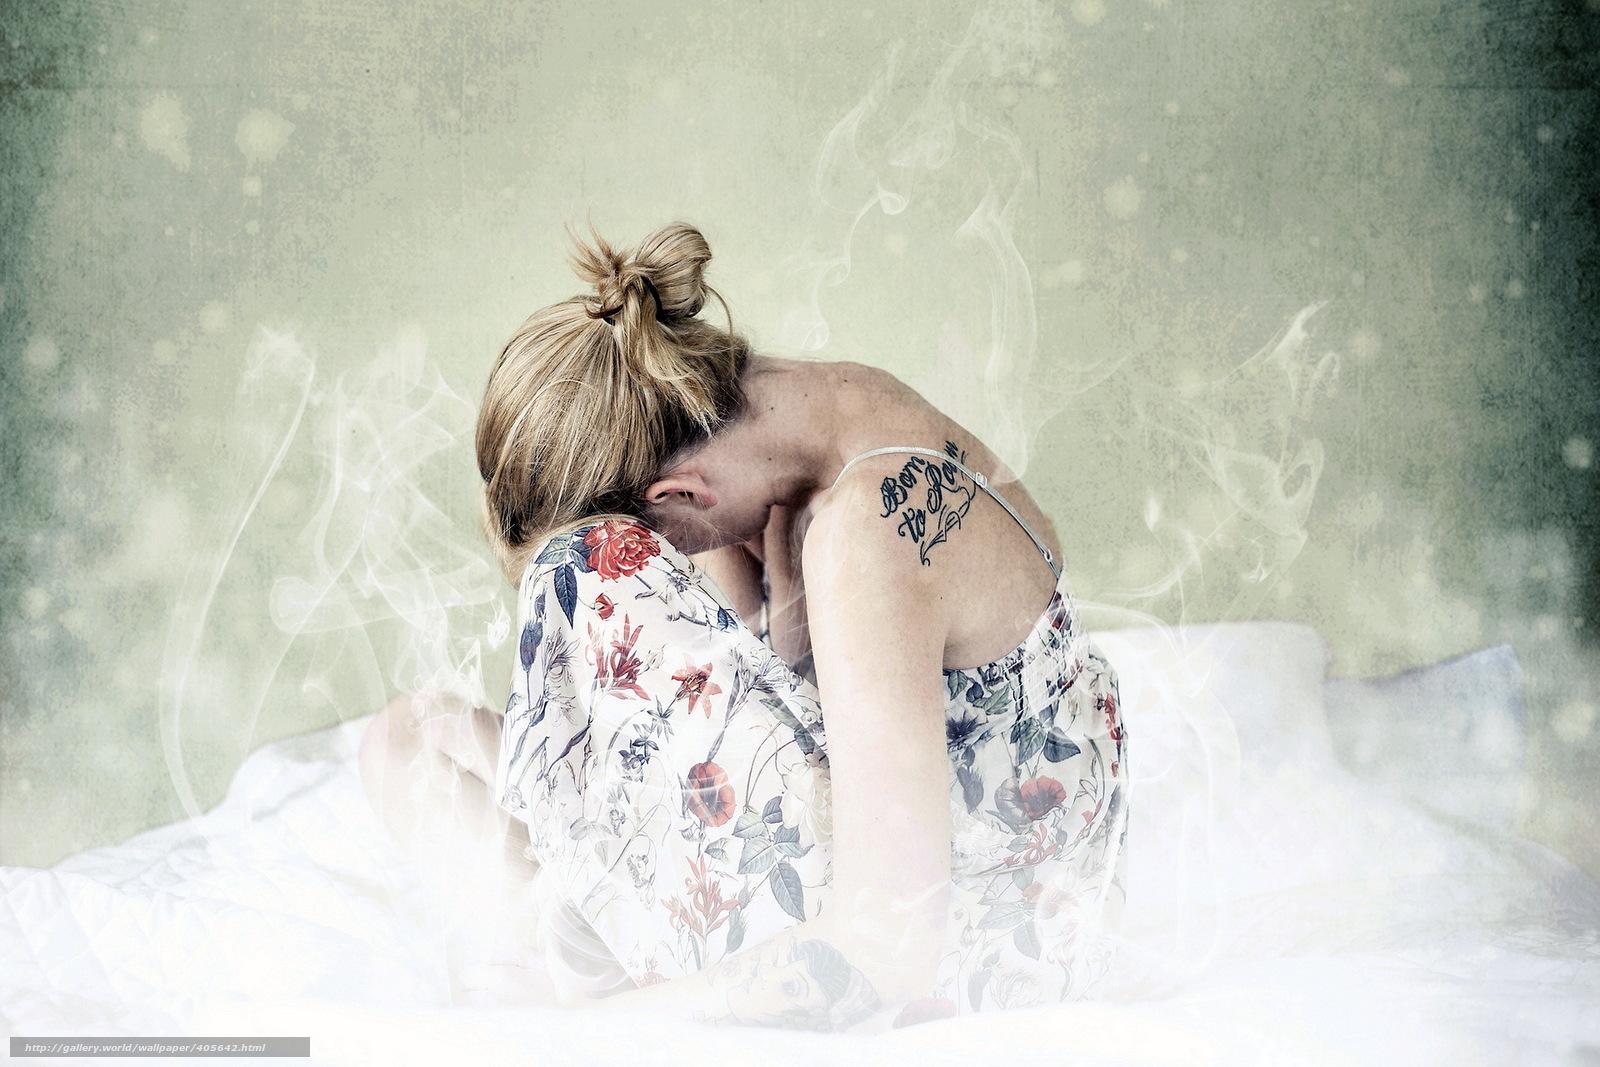 tlcharger fond d 39 ecran fille tatouage poser style fonds d 39 ecran gratuits pour votre rsolution. Black Bedroom Furniture Sets. Home Design Ideas